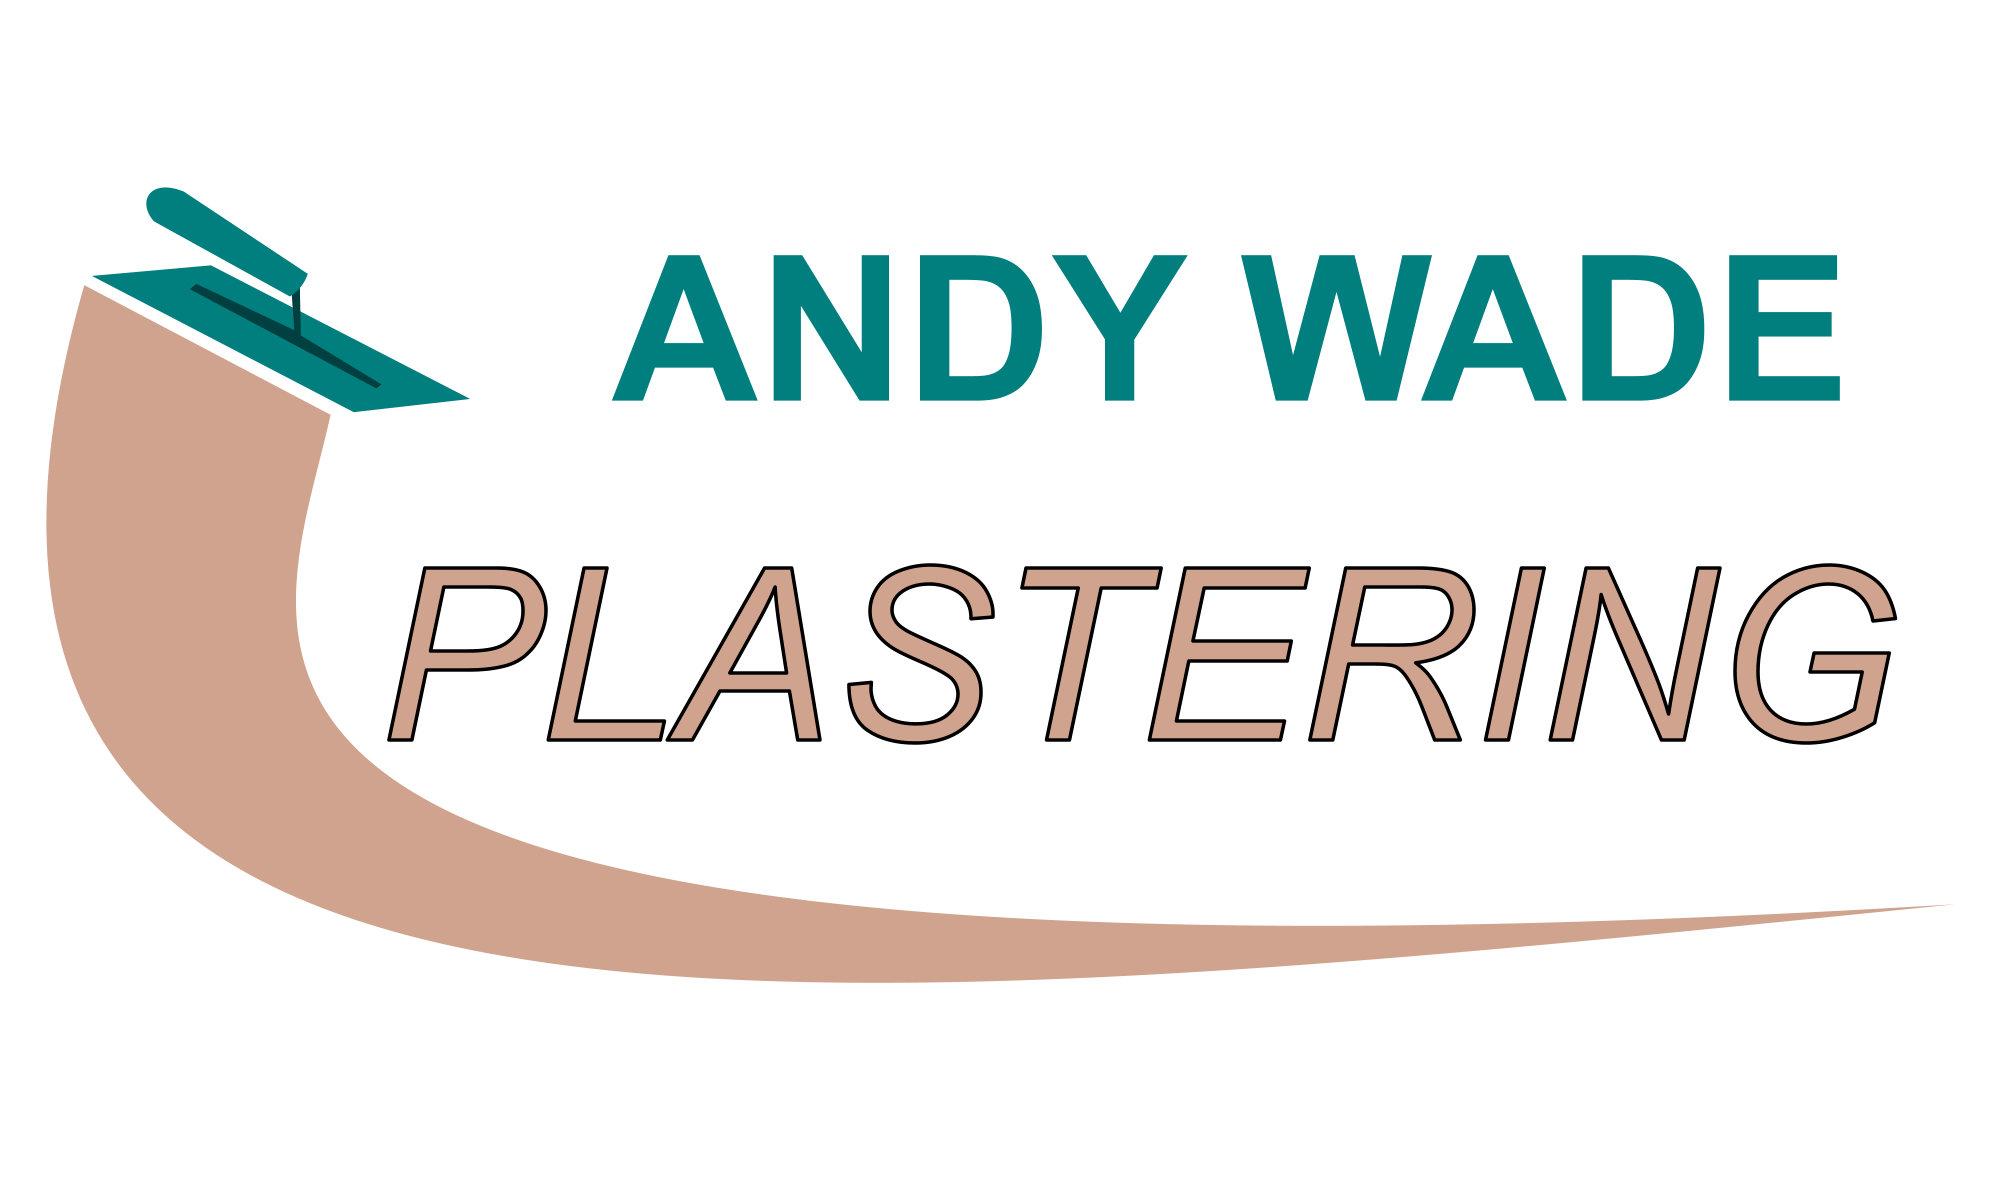 Andy Wade